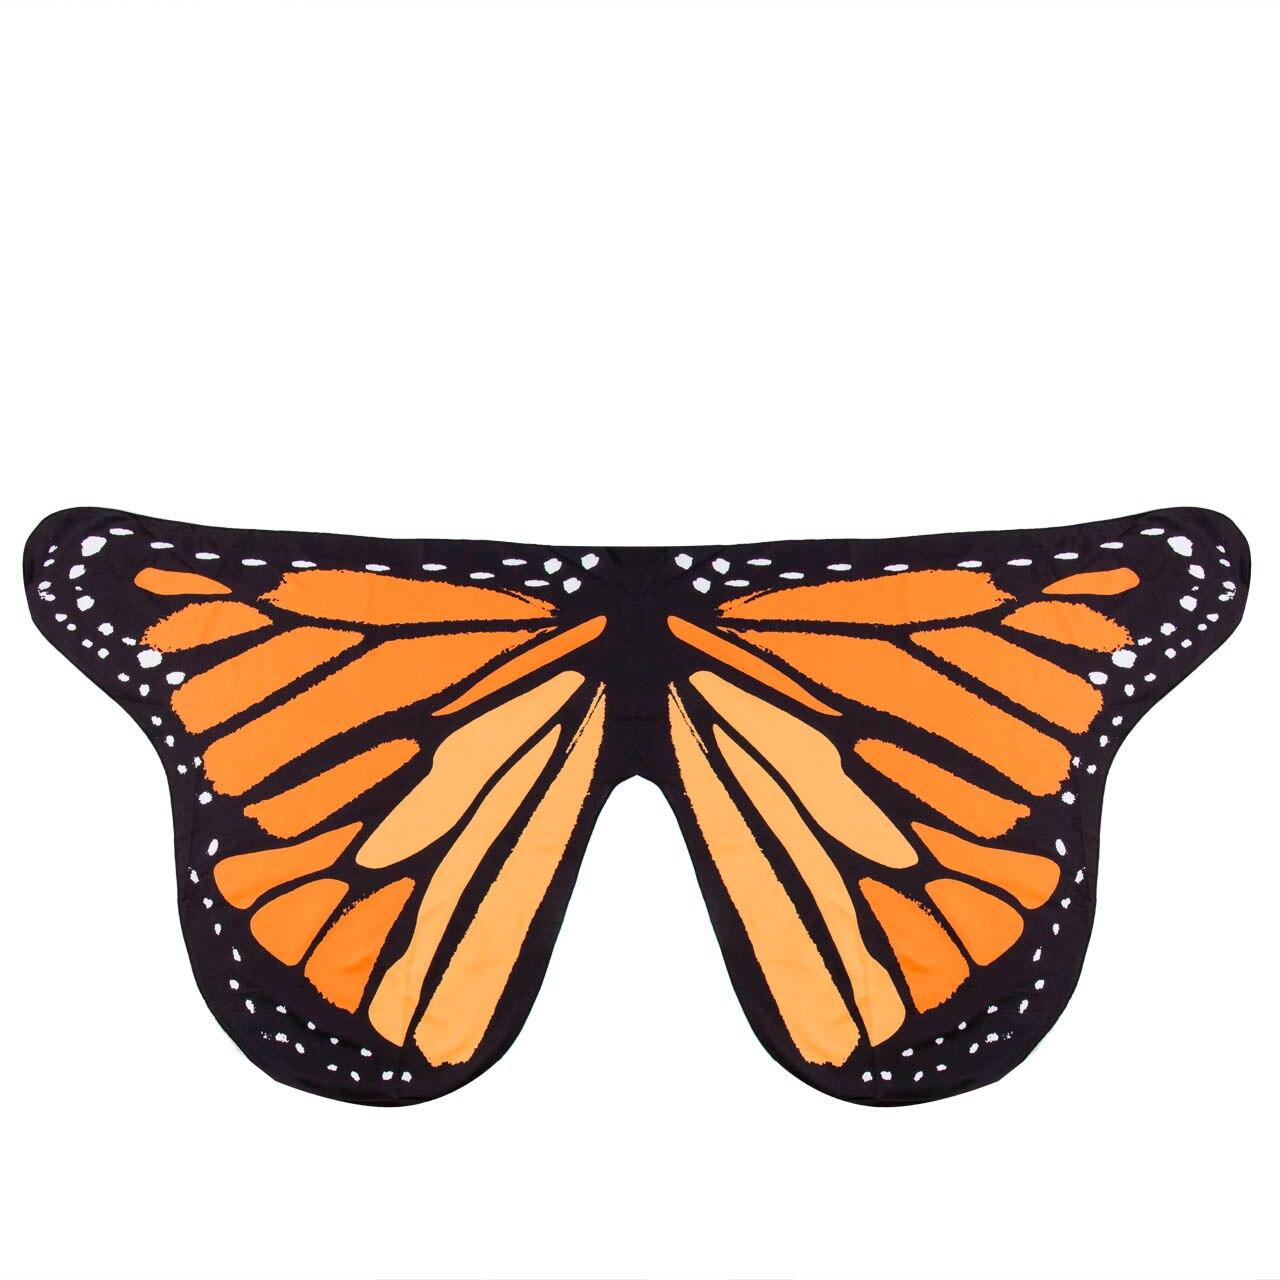 Pudcoco Детский шарф для девочек красивое крыло шаль бабочки шарфы летнее пляжное пончо костюм аксессуар пончо и накидки - Цвет: Оранжевый